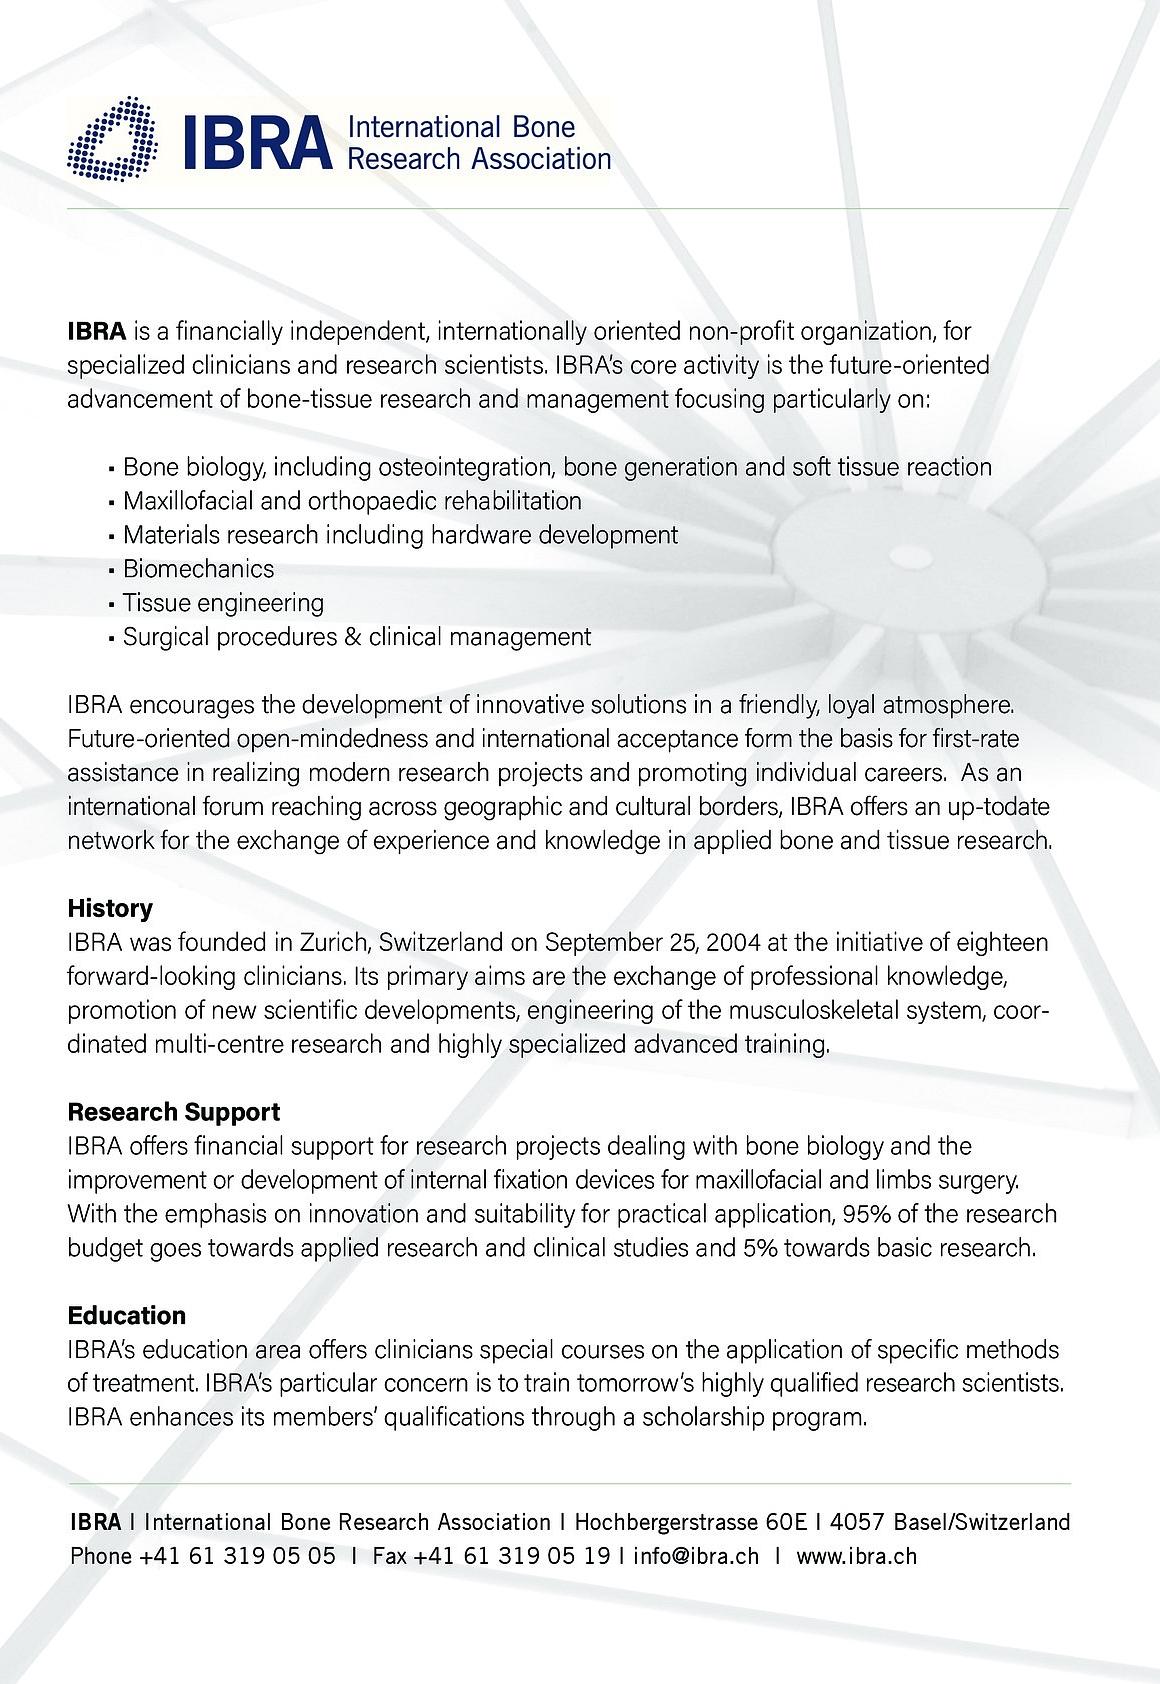 Approaches & Anatomy, SFAS & IBRA Collaboration | IBRA ...